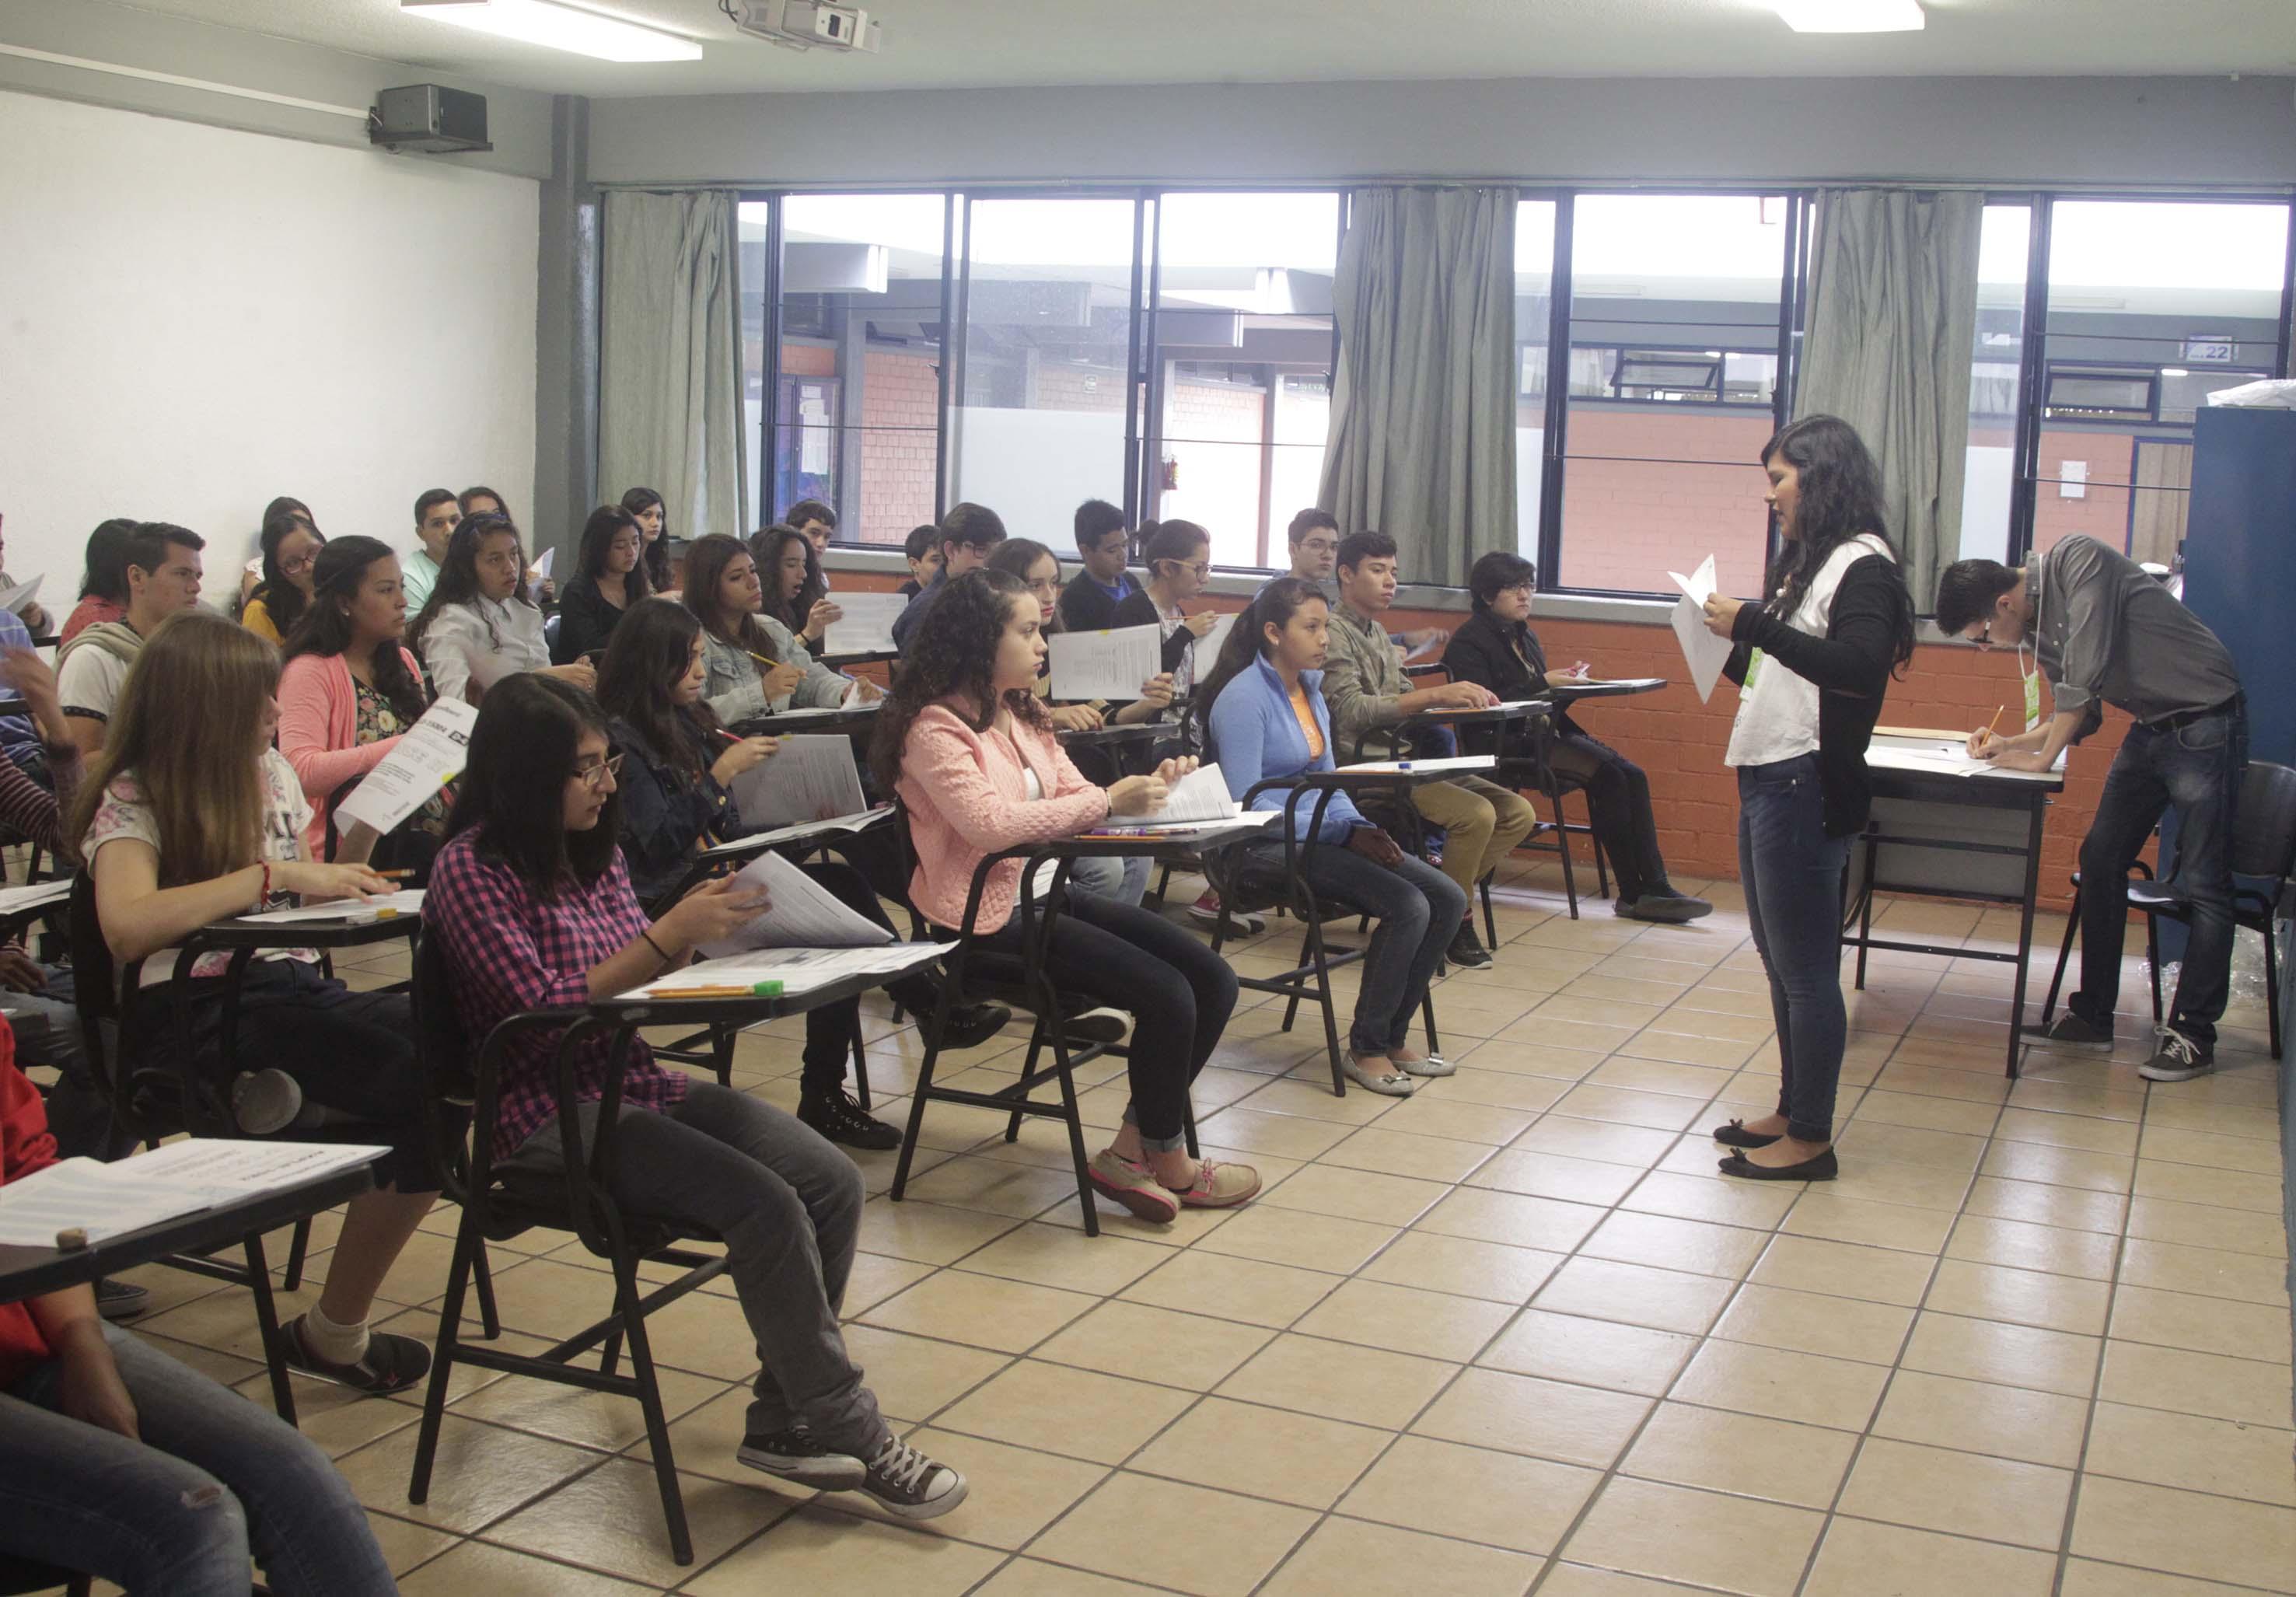 Alumnos en aula de aplicación de examen de admisión